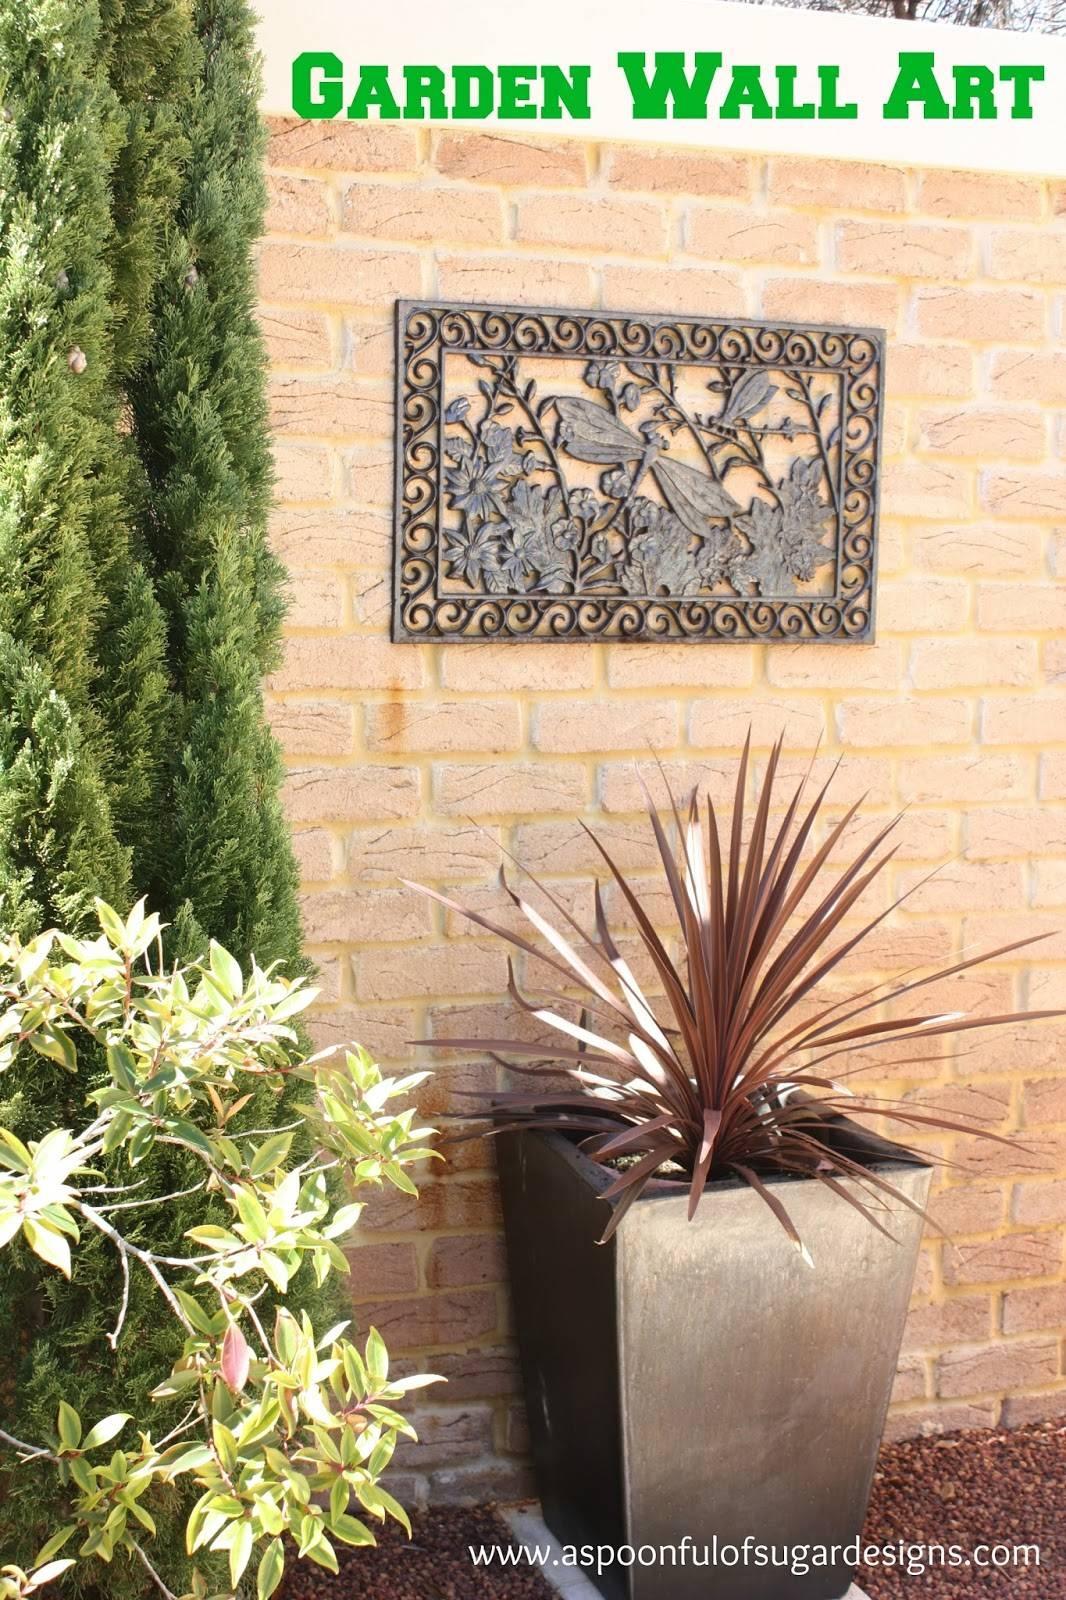 Garden Wall Art – A Spoonful Of Sugar Regarding Most Current Garden Wall Art (View 16 of 30)